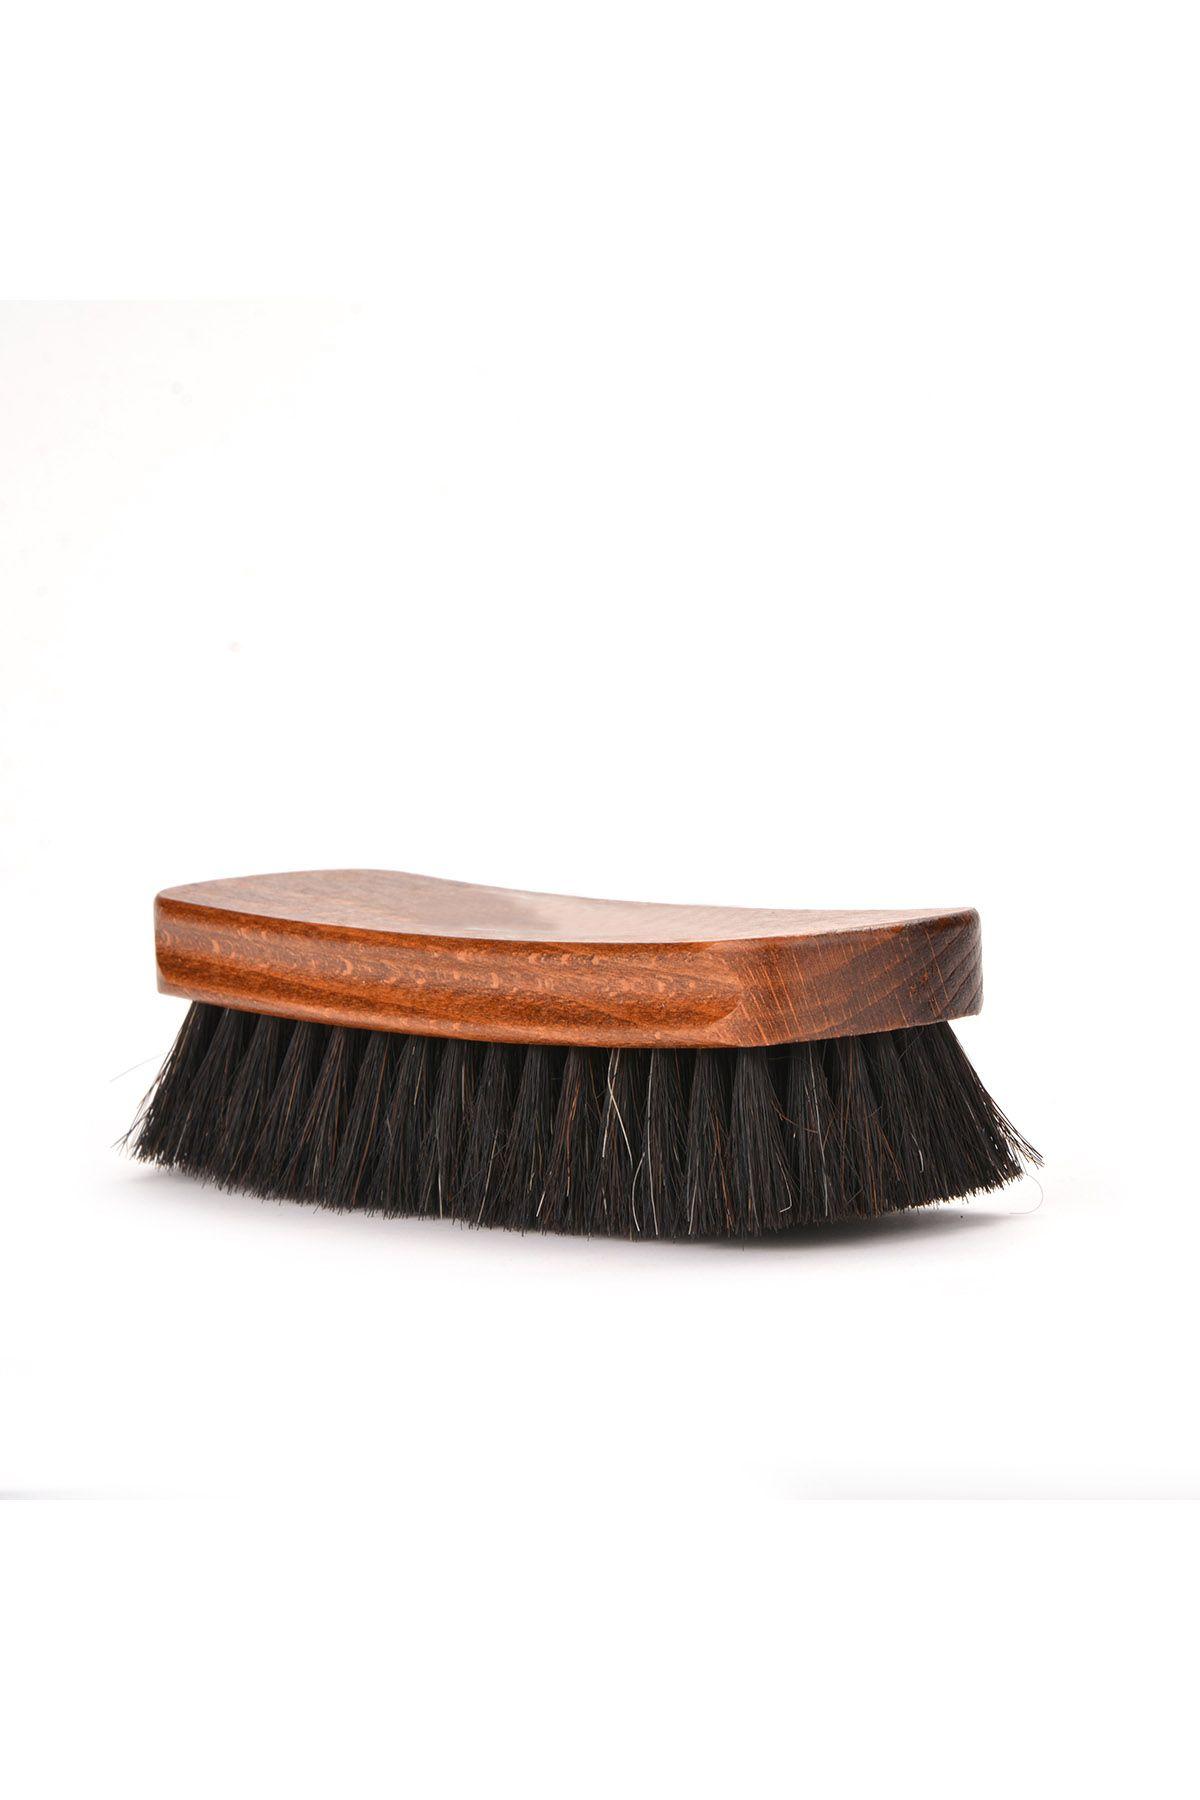 Erdogan Deri Blink Horse Hair Brush For Shoe Cleaning Black